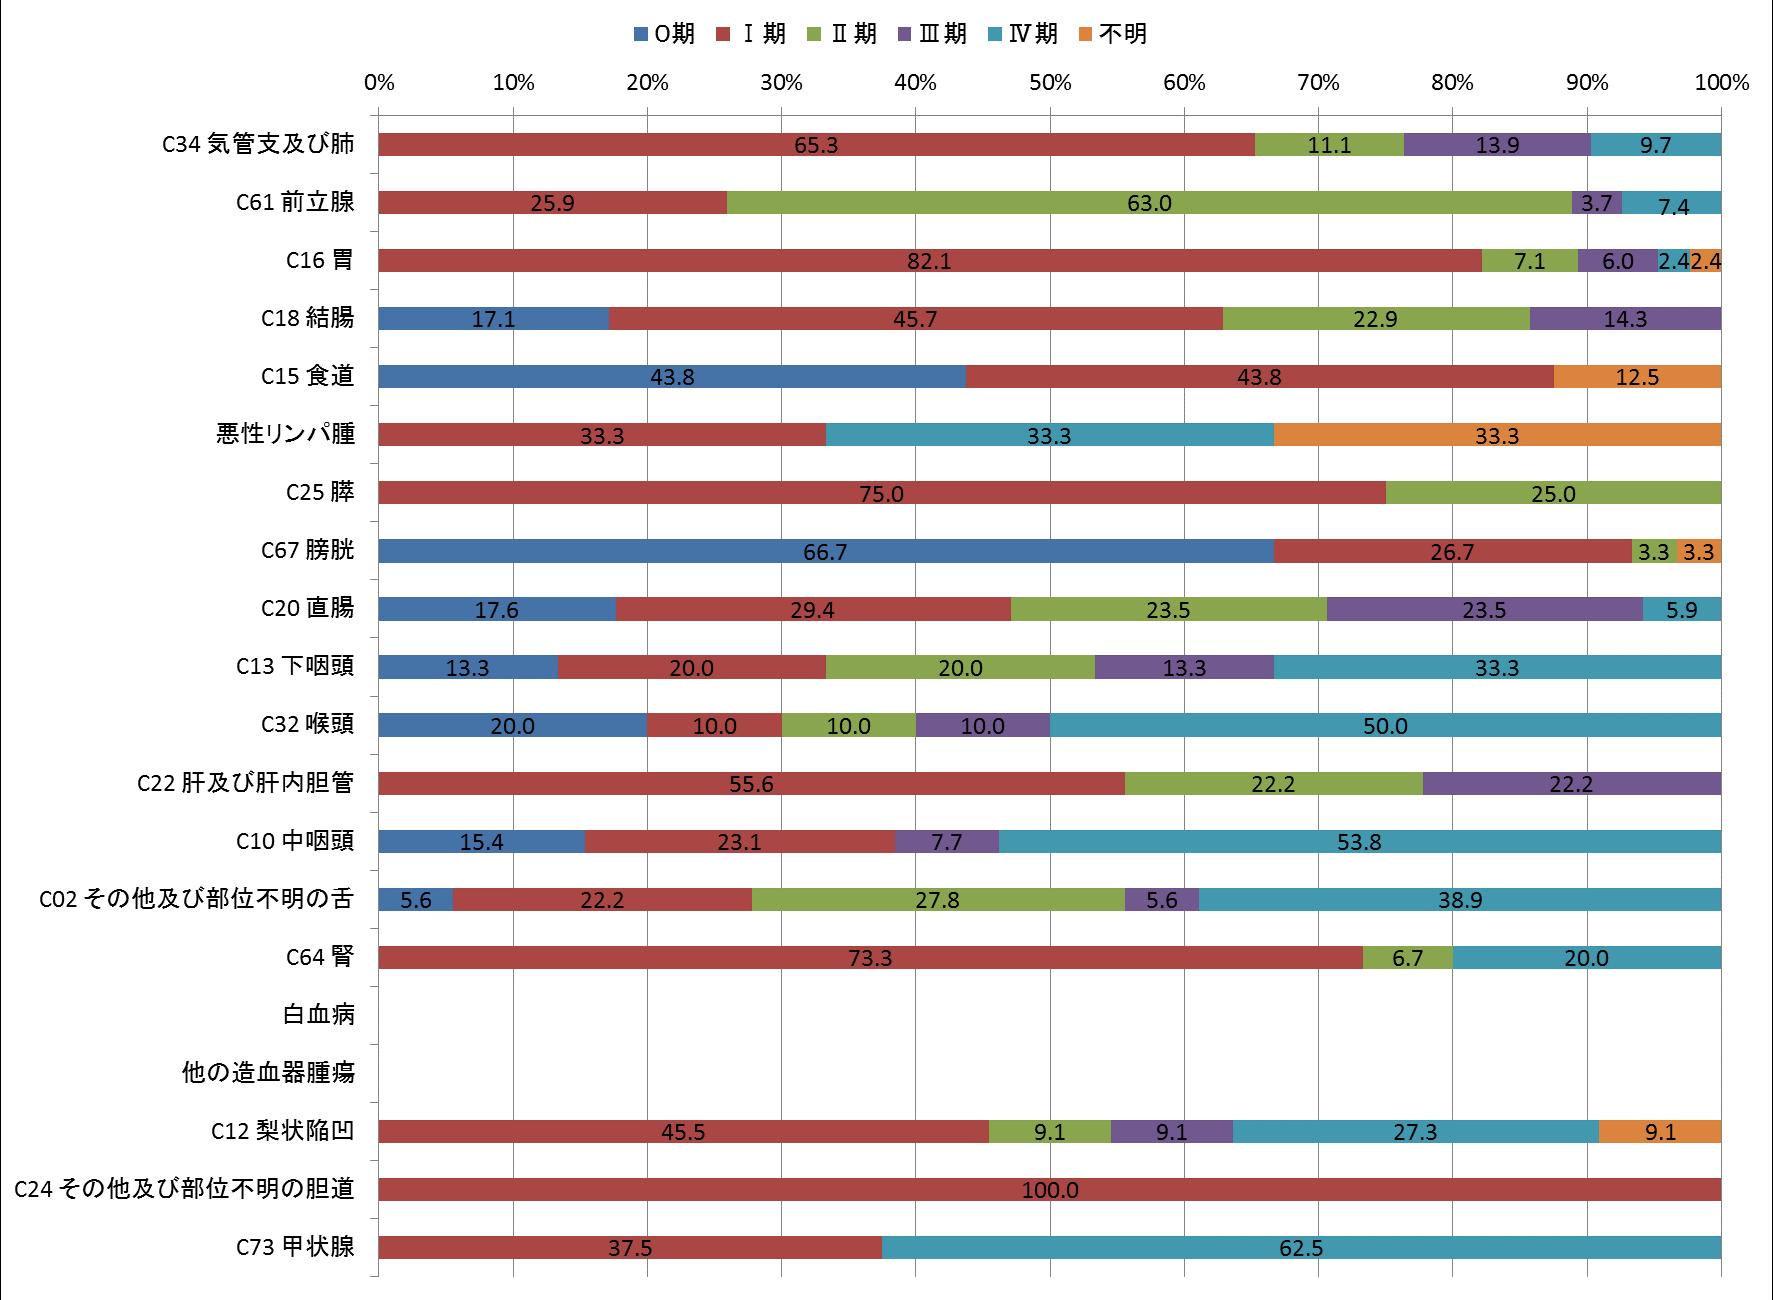 図9-2 ステージ別登録数(p-STAGE)(男、登録数2桁以上のみ) ❋「該当せず」を除いて集計